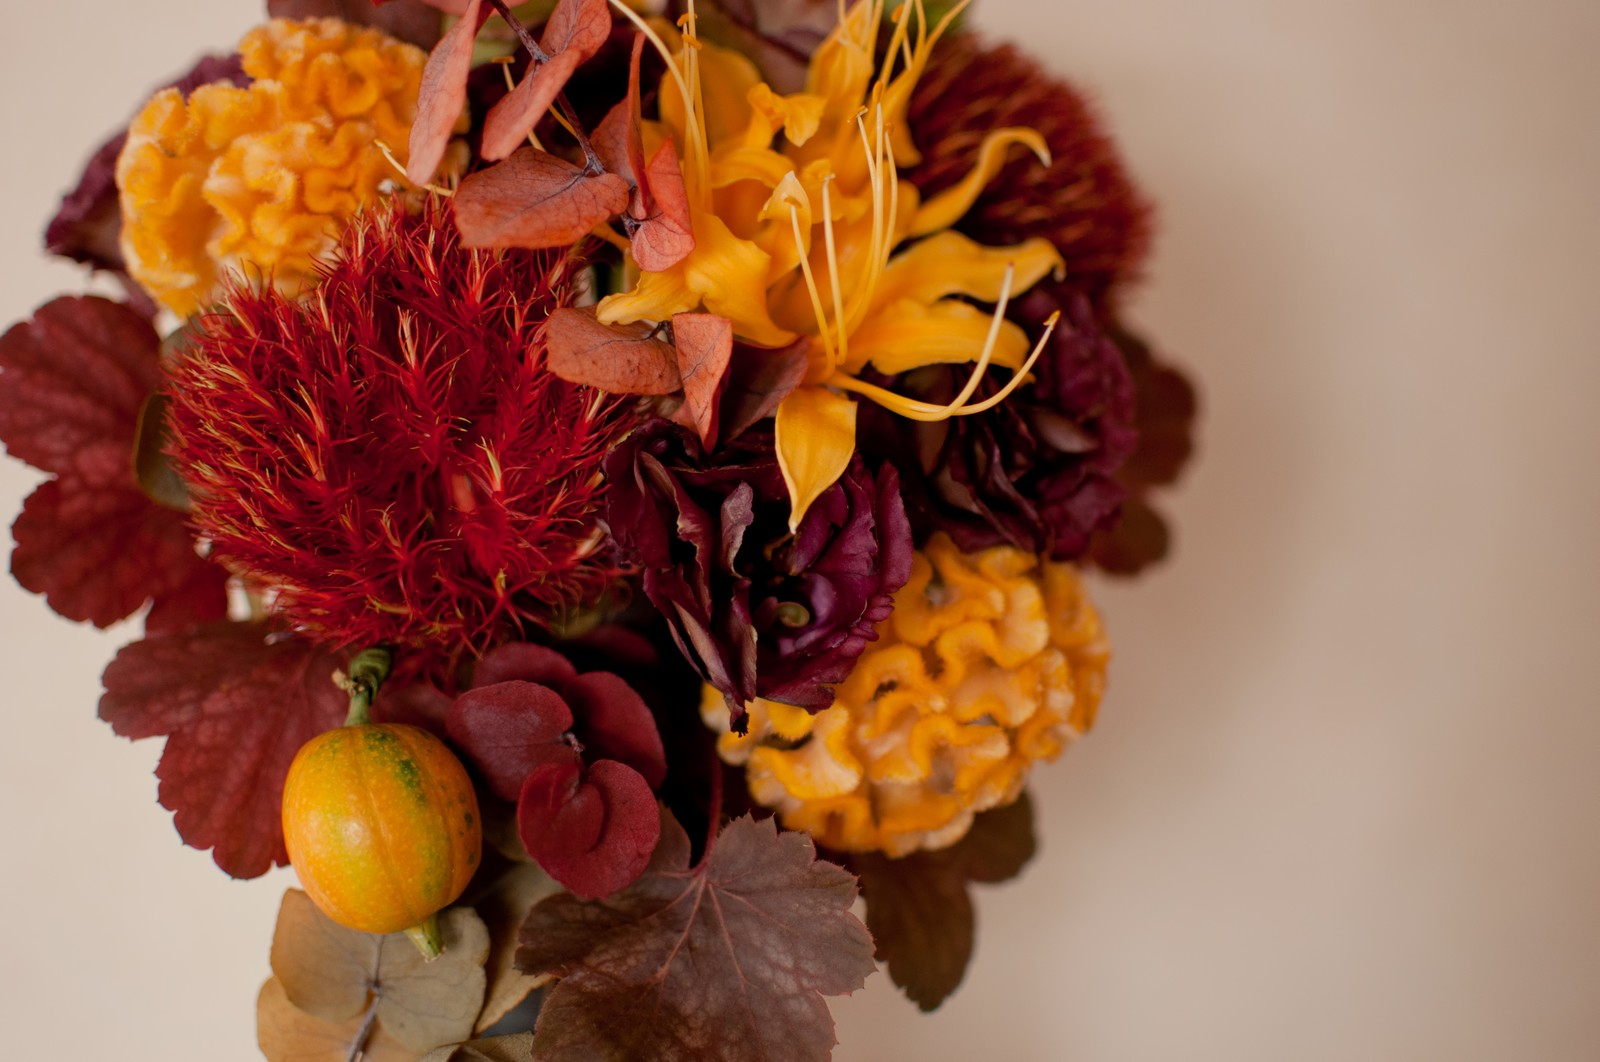 秋は金運が上がりやすい!色や食べ物で運気をアップさせよう